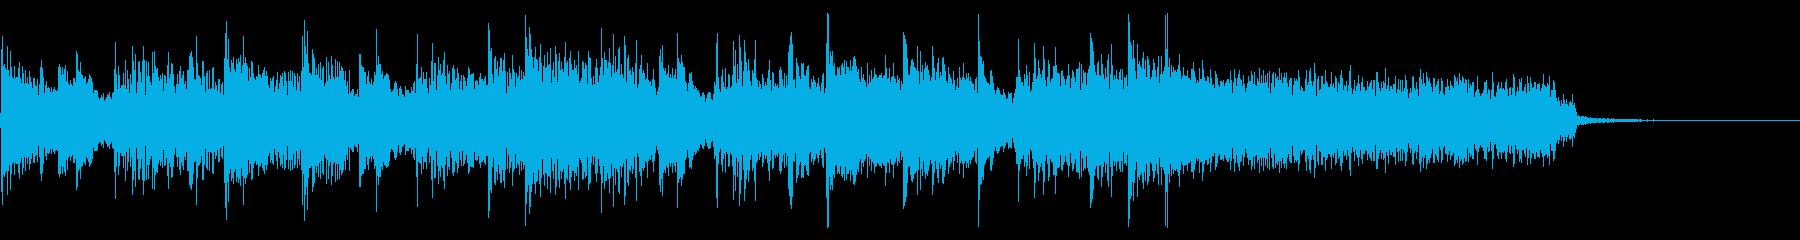 インパクトあるロックなジングル28の再生済みの波形